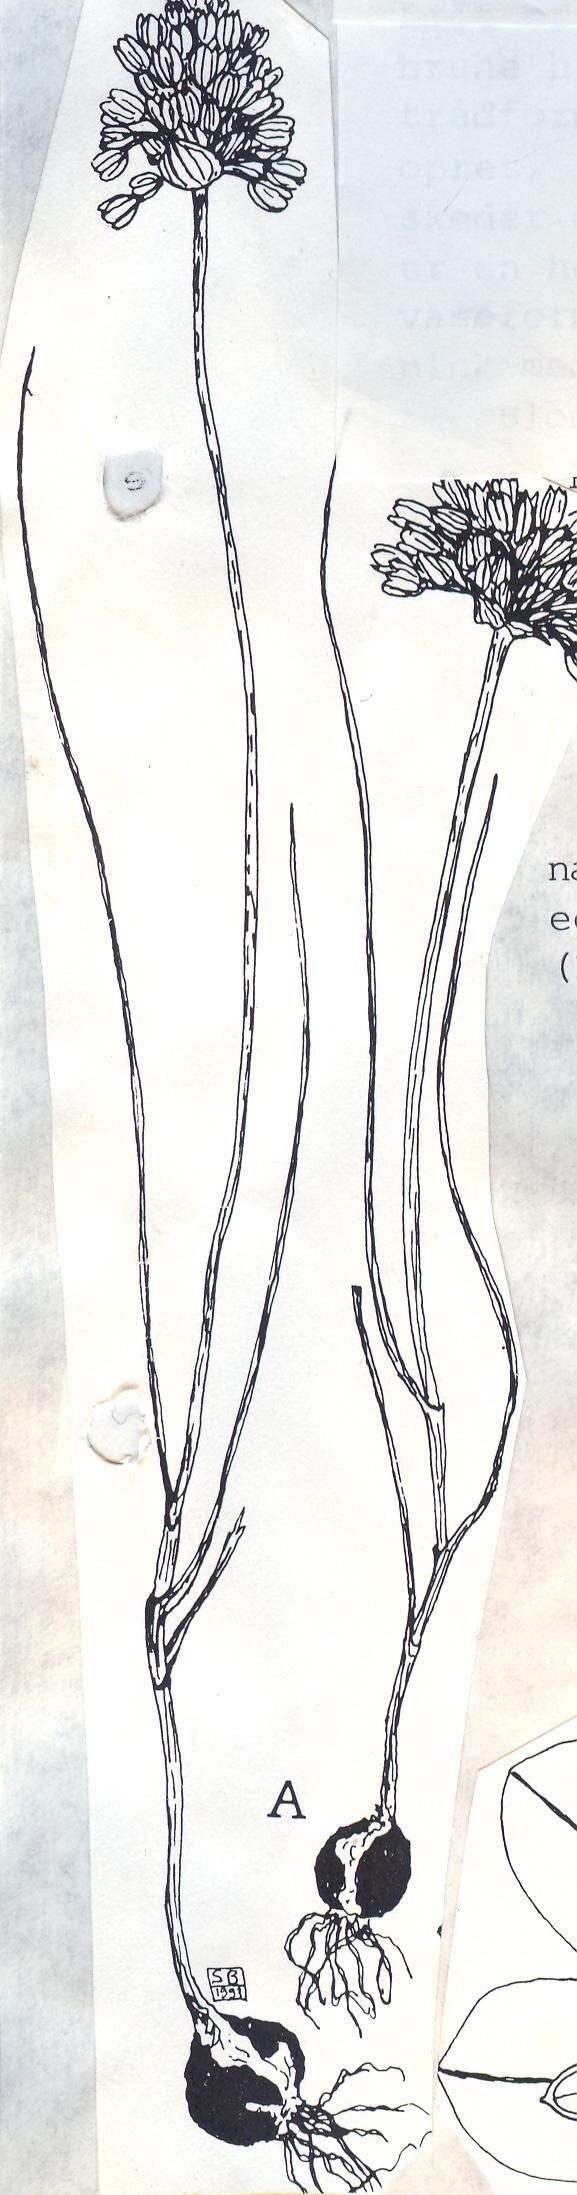 Allium%20erythraeum.jpg